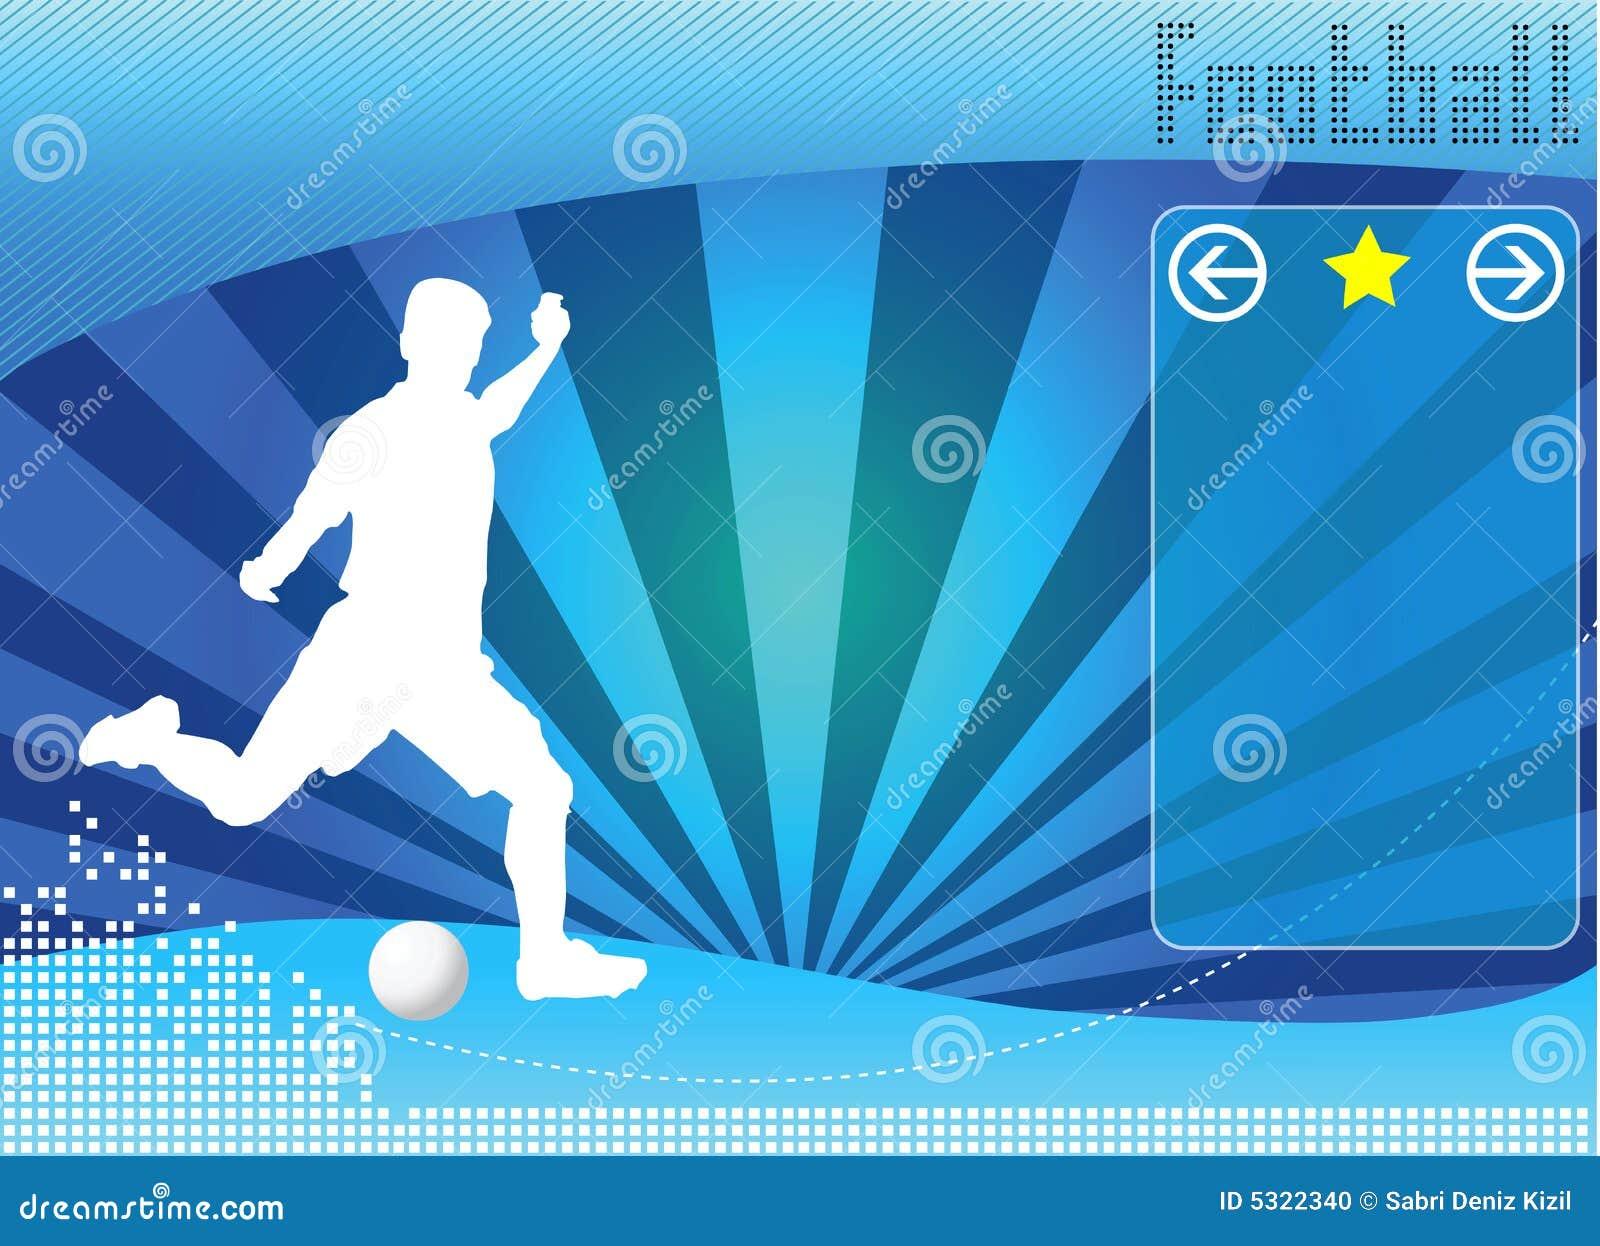 Download Vettore Della Priorità Bassa Di Concetto Di Calcio Illustrazione Vettoriale - Illustrazione di scossa, telaio: 5322340